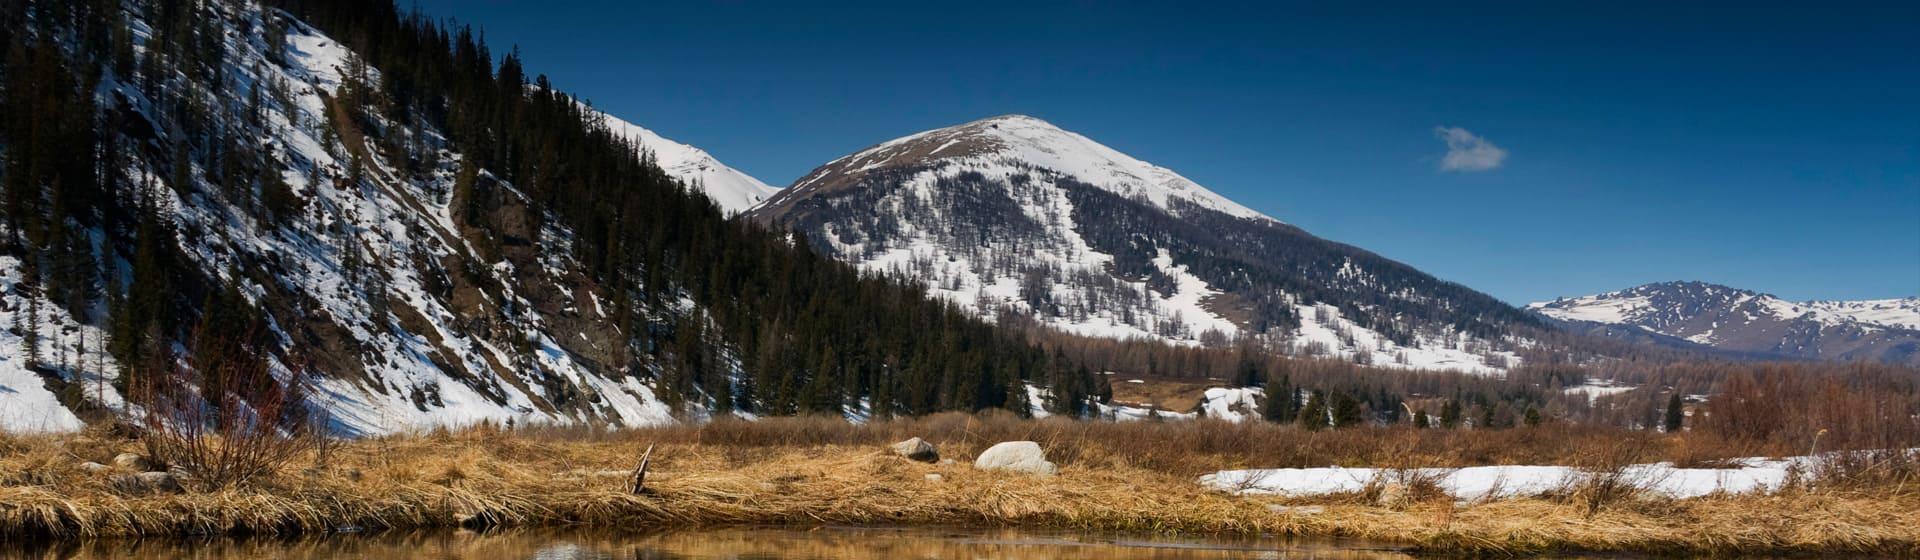 Алтай - Мерч и одежда с атрибутикой